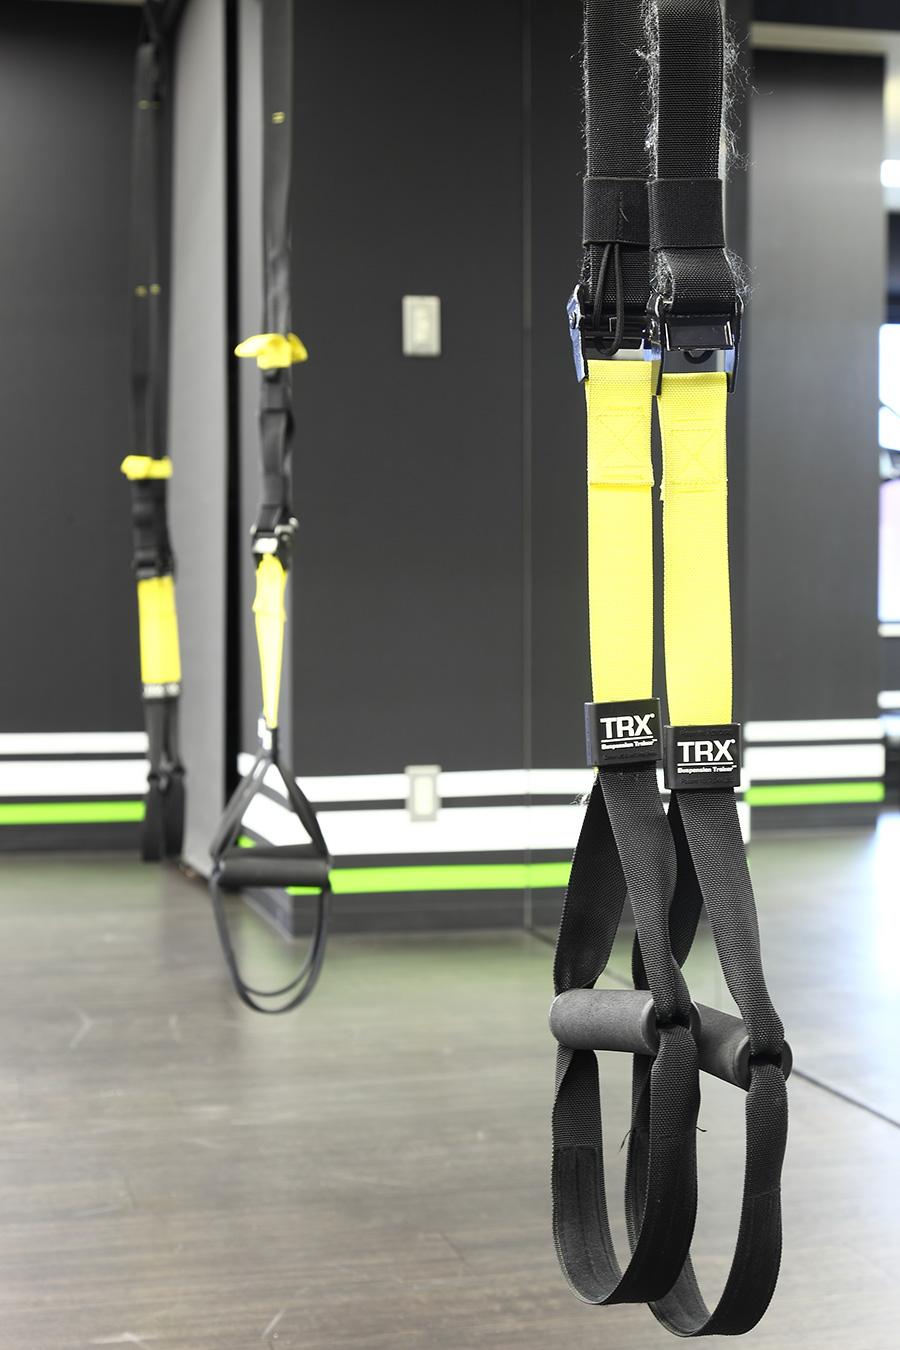 パーソナルトレーニングスタジオのTRX設置